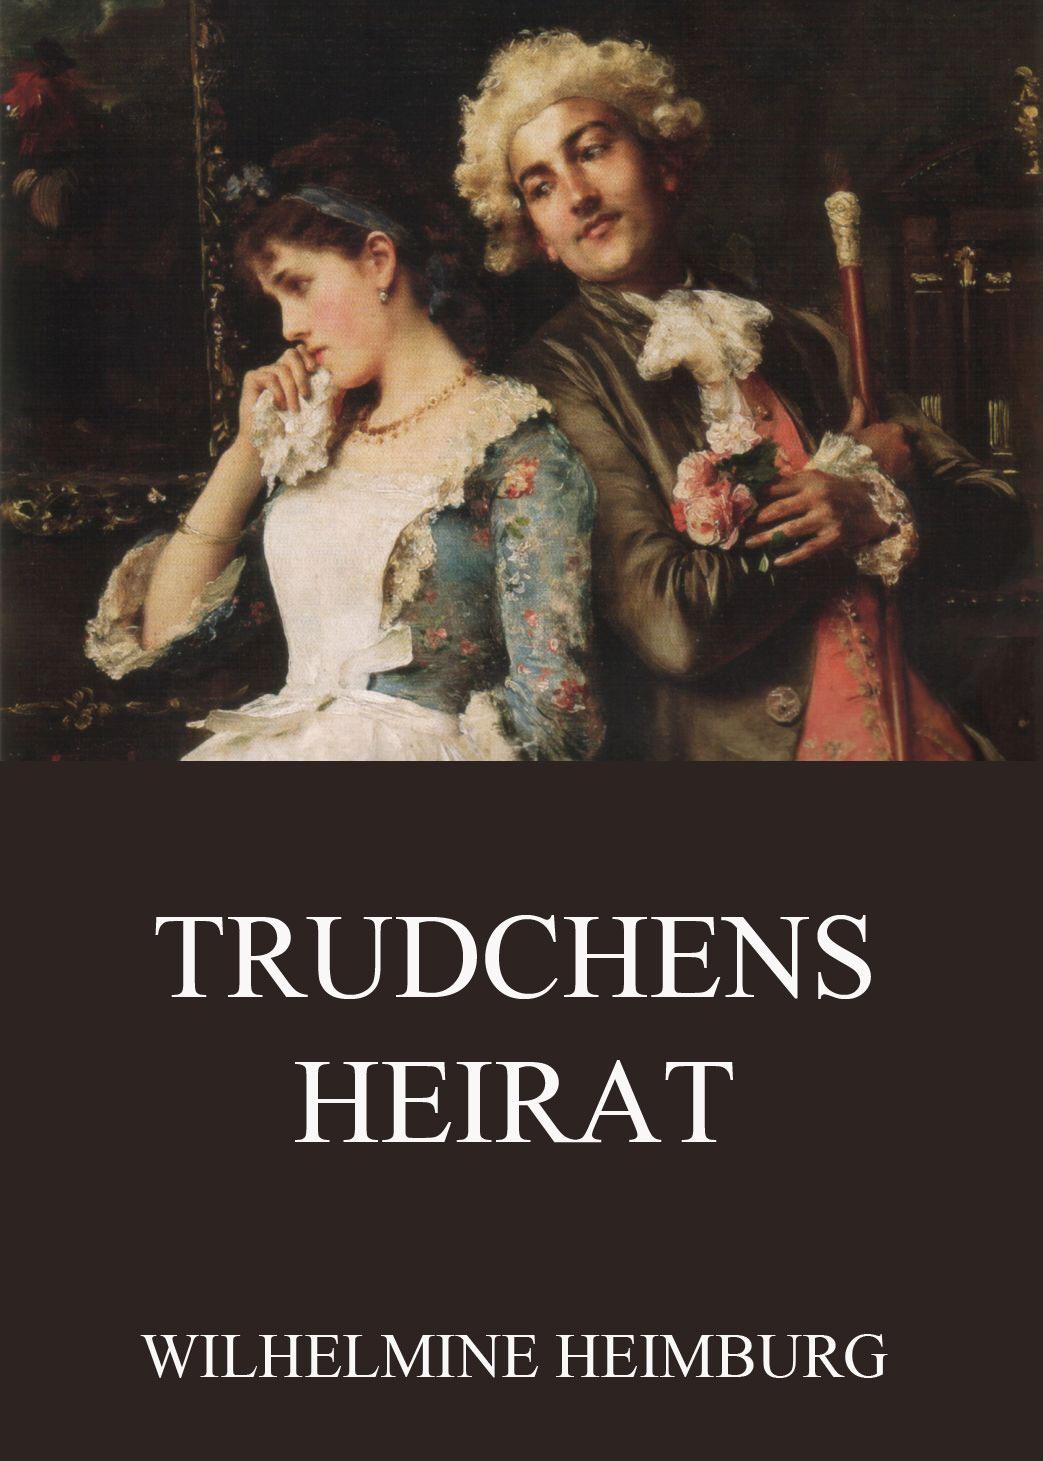 Wilhelmine Heimburg Trudchens Heirat